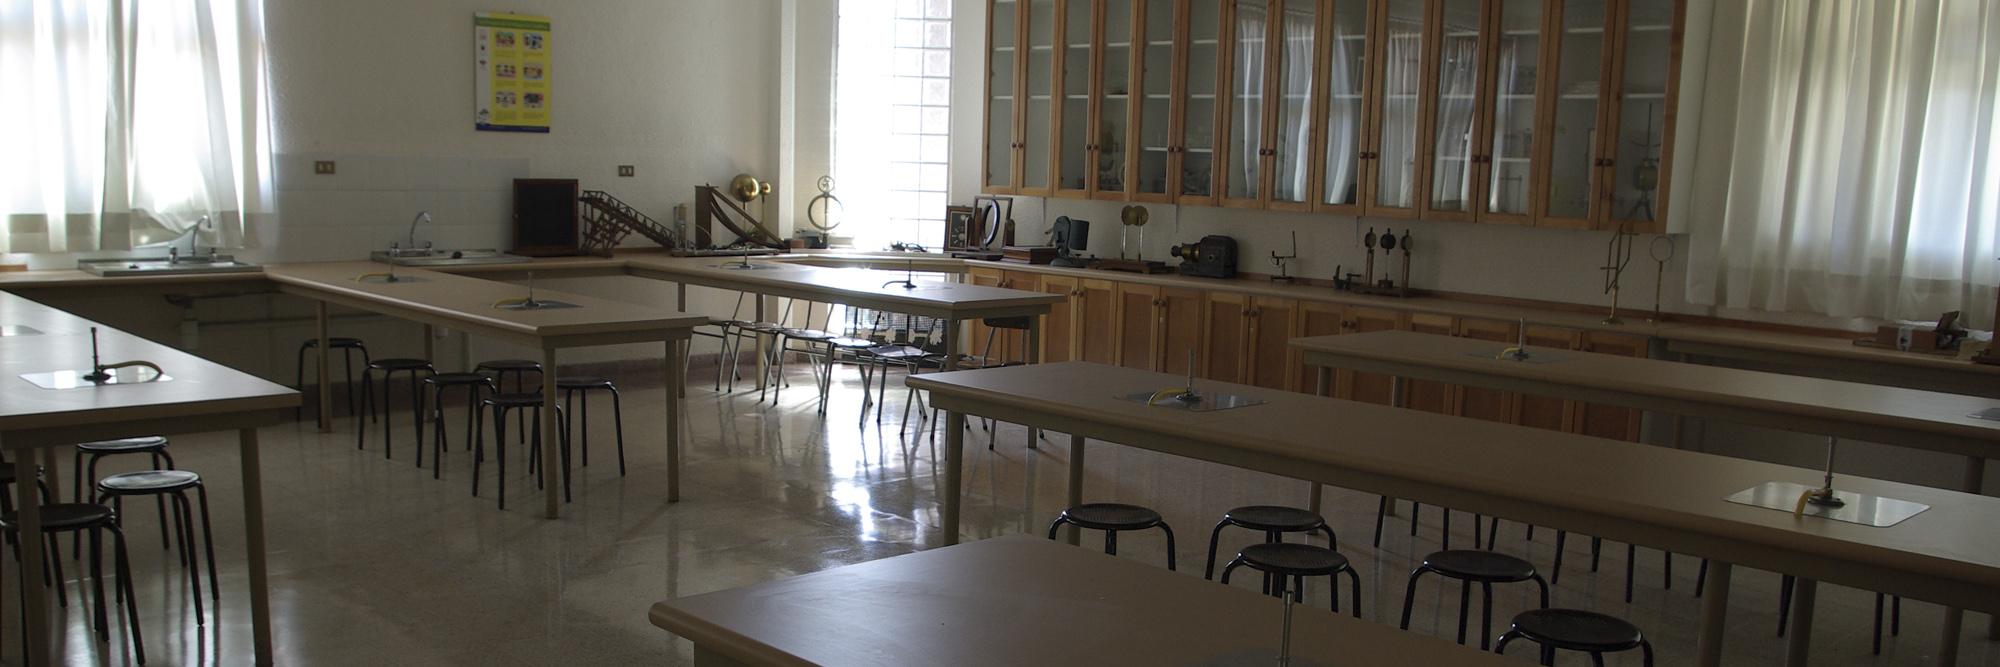 laboratorio_ciencias_valparaiso